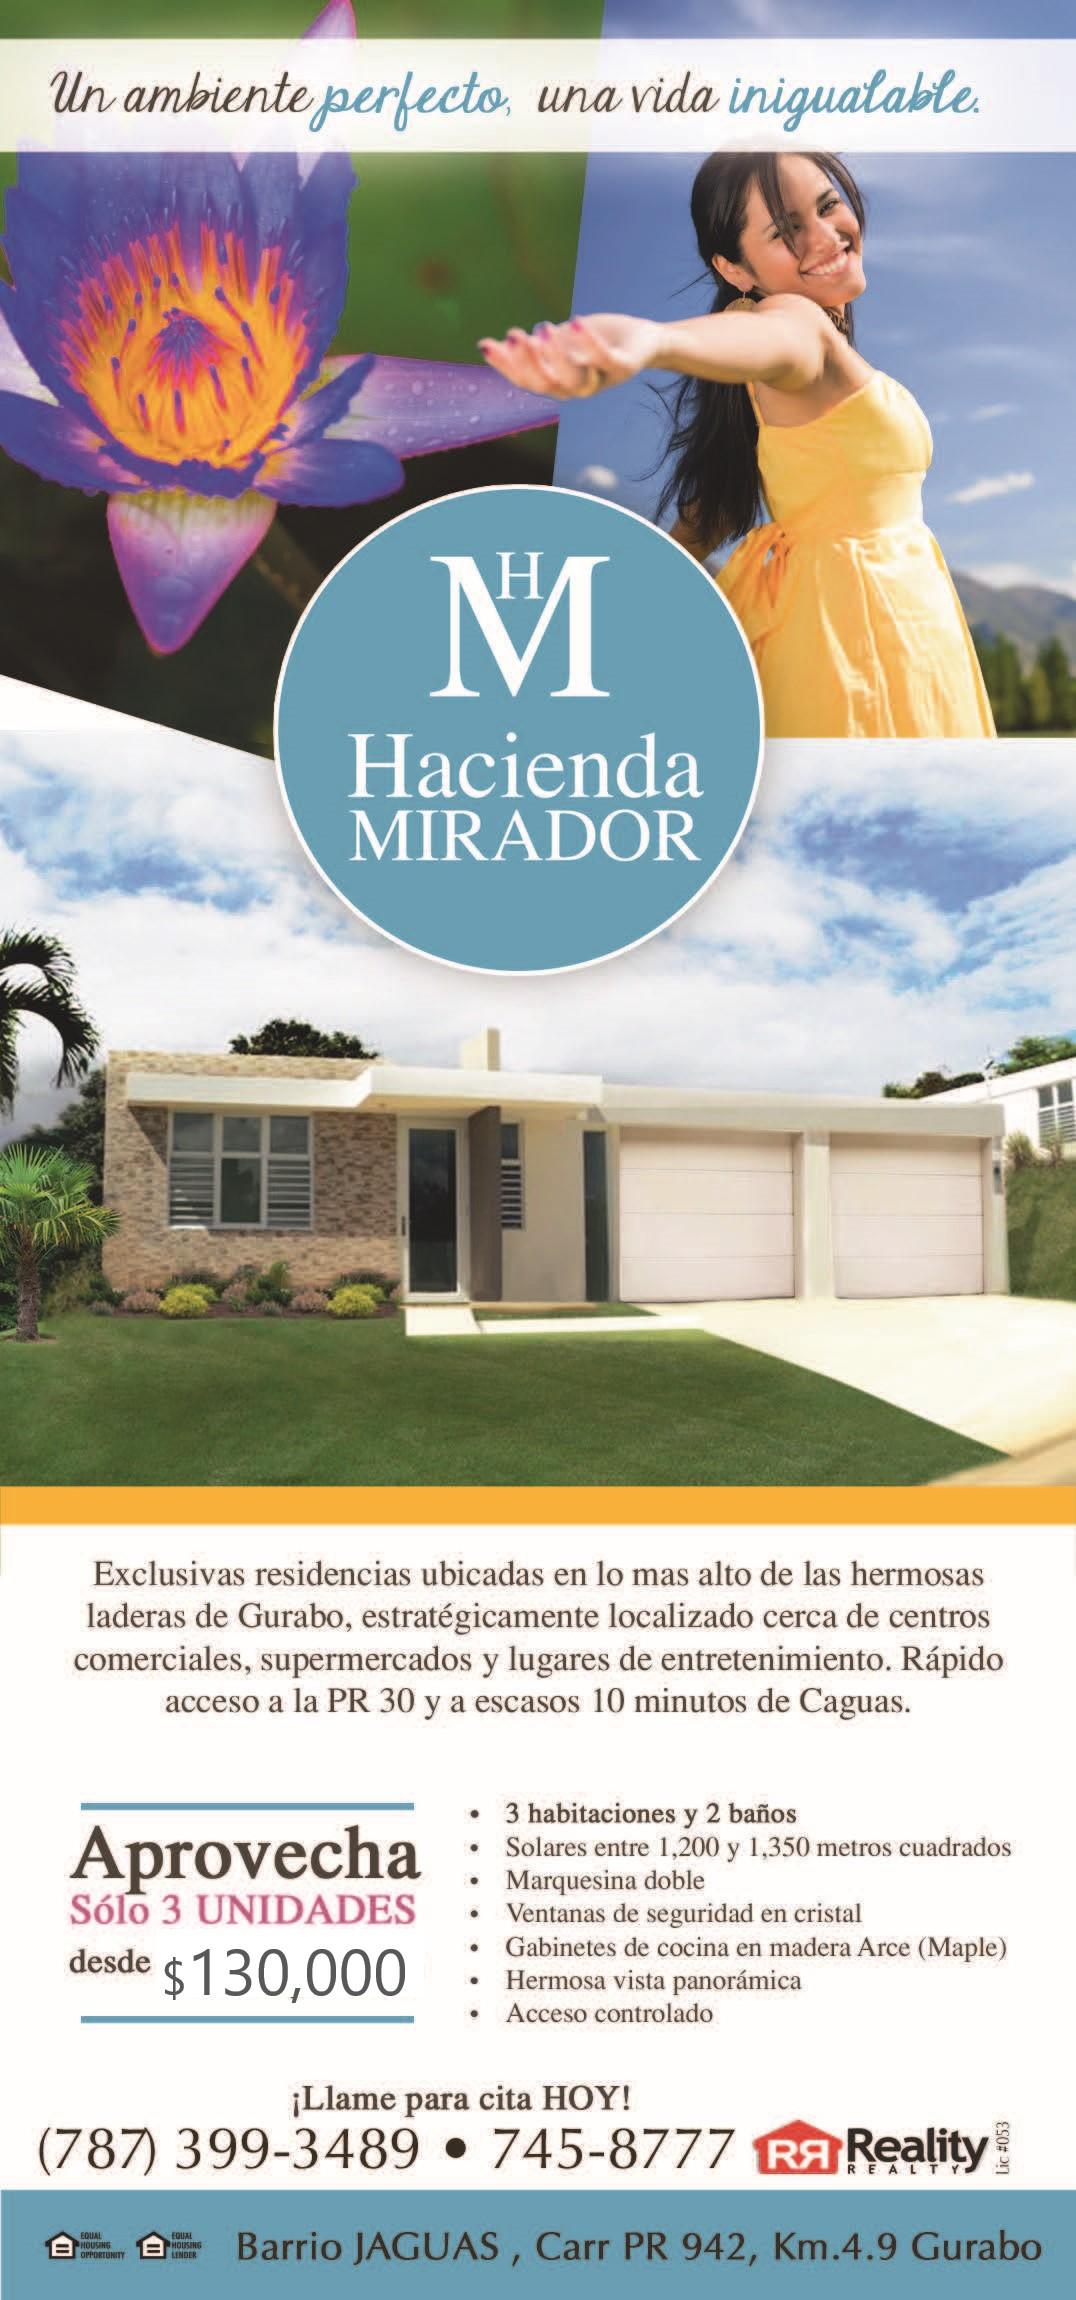 1-2V-Hmirador-061817(1)